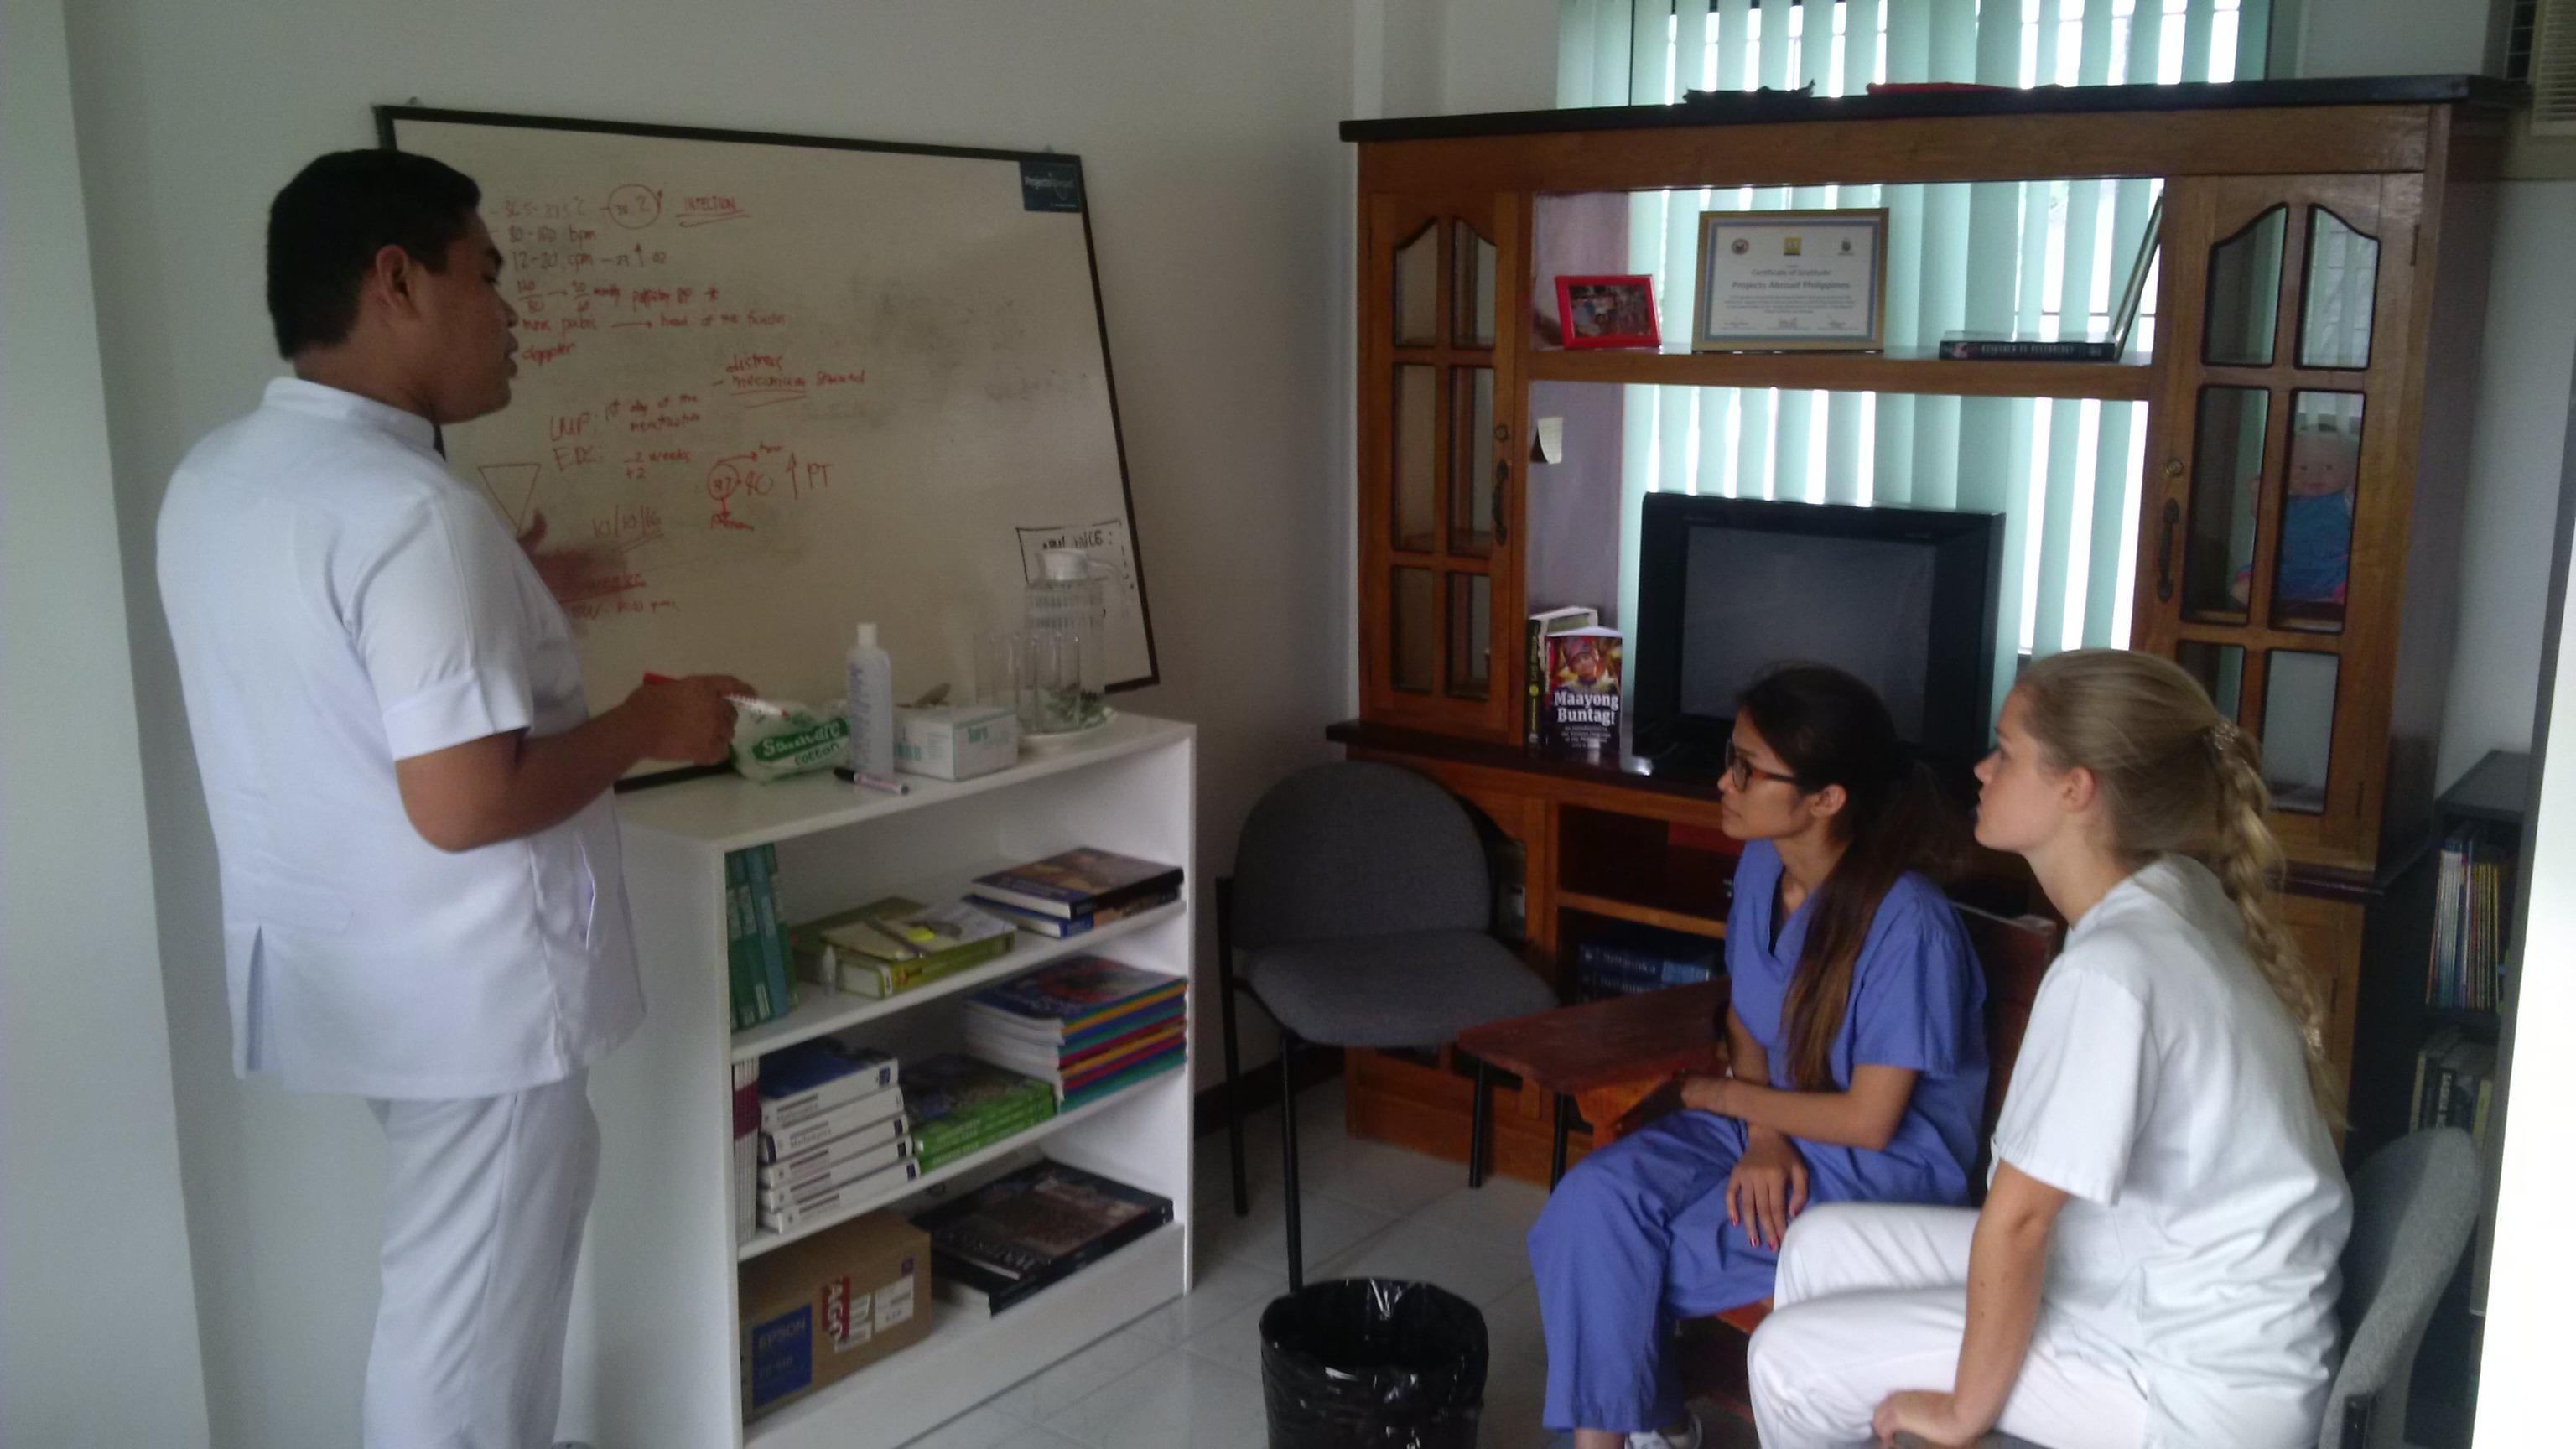 Internas de medicina aprendiendo sobre los signos vitales durante sus prácticas médicas en Filipinas.